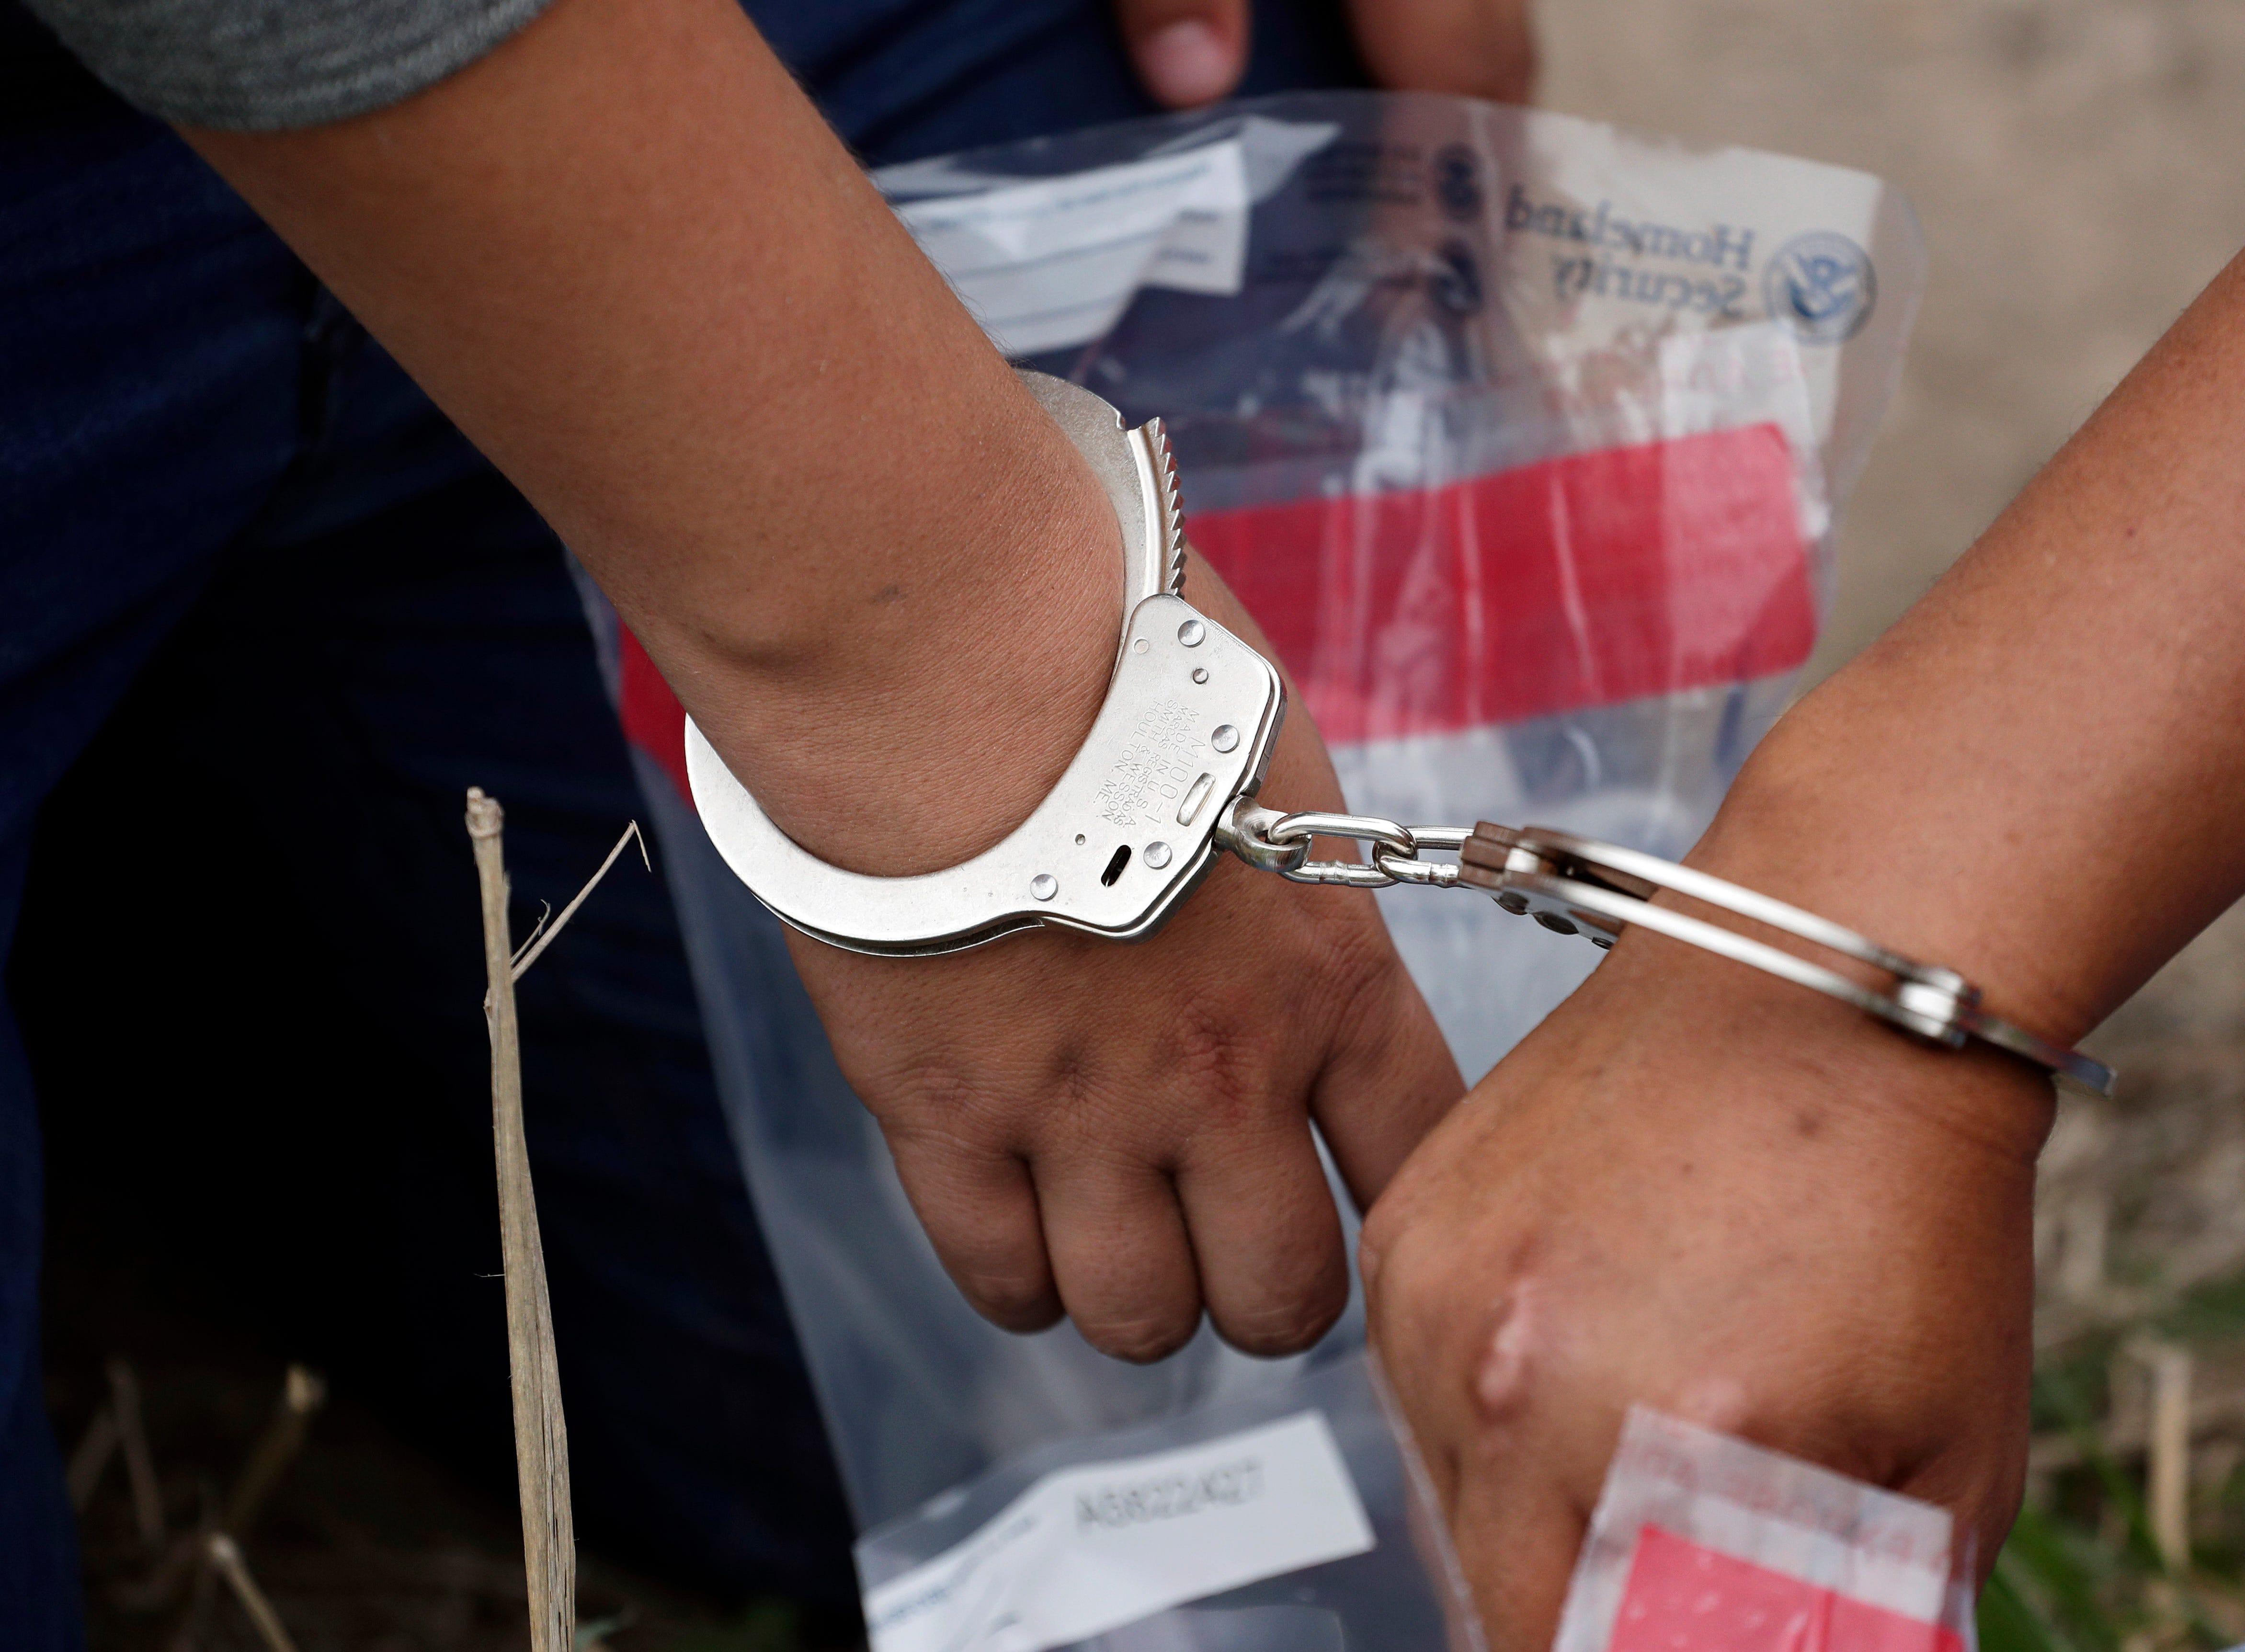 Funcionarios del servicio de inmigración pidieron al Congreso que modifique las leyes para que puedan detener más adultos y niños y deportar más rápido a los centroamericanos.